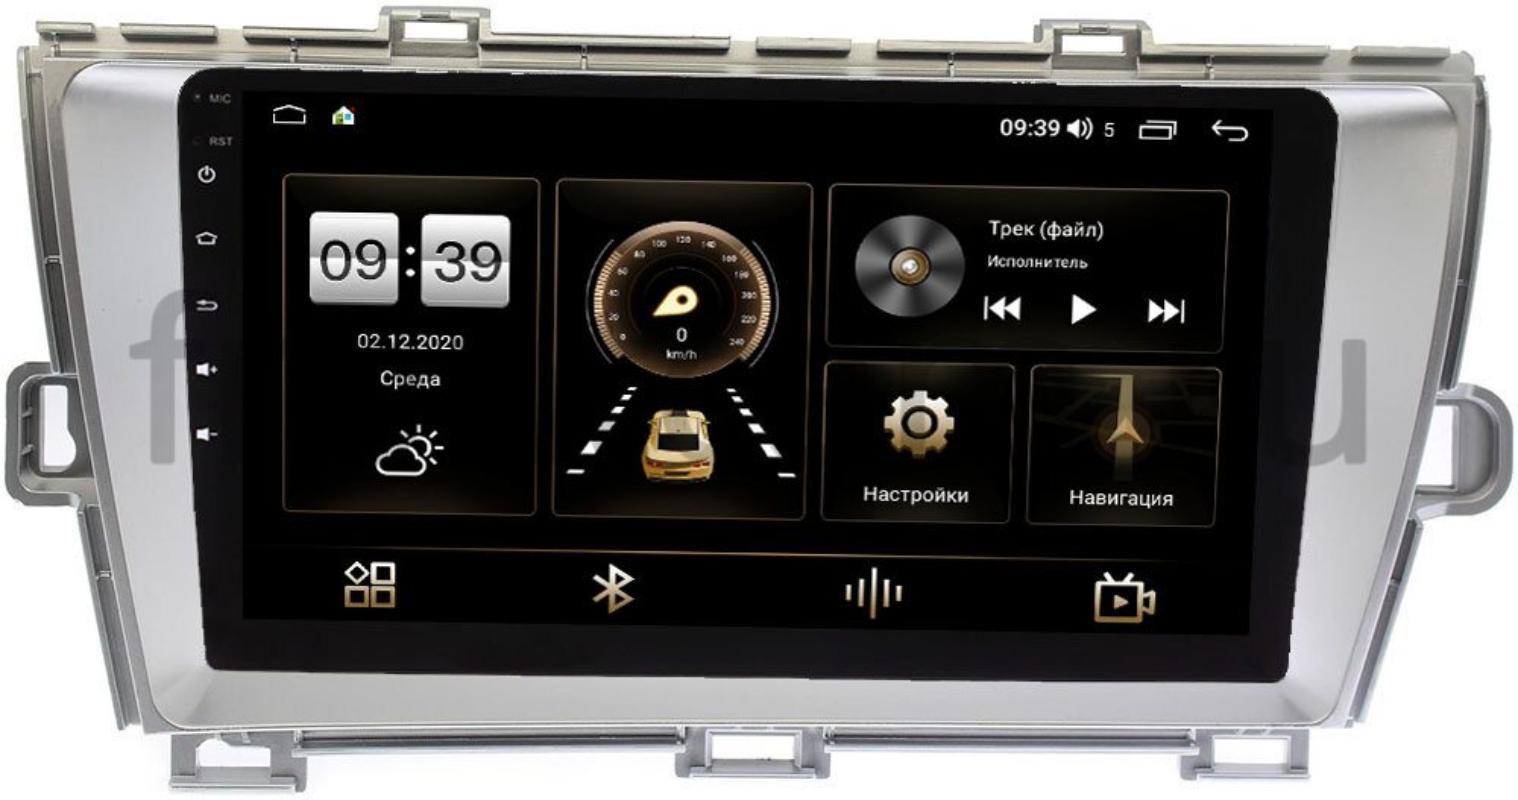 Штатная магнитола LeTrun 4166-9092 для Toyota Prius III (XW30) 2009-2015 (правый руль) серебро на Android 10 (4G-SIM, 3/32, DSP, QLed) (+ Камера заднего вида в подарок!)